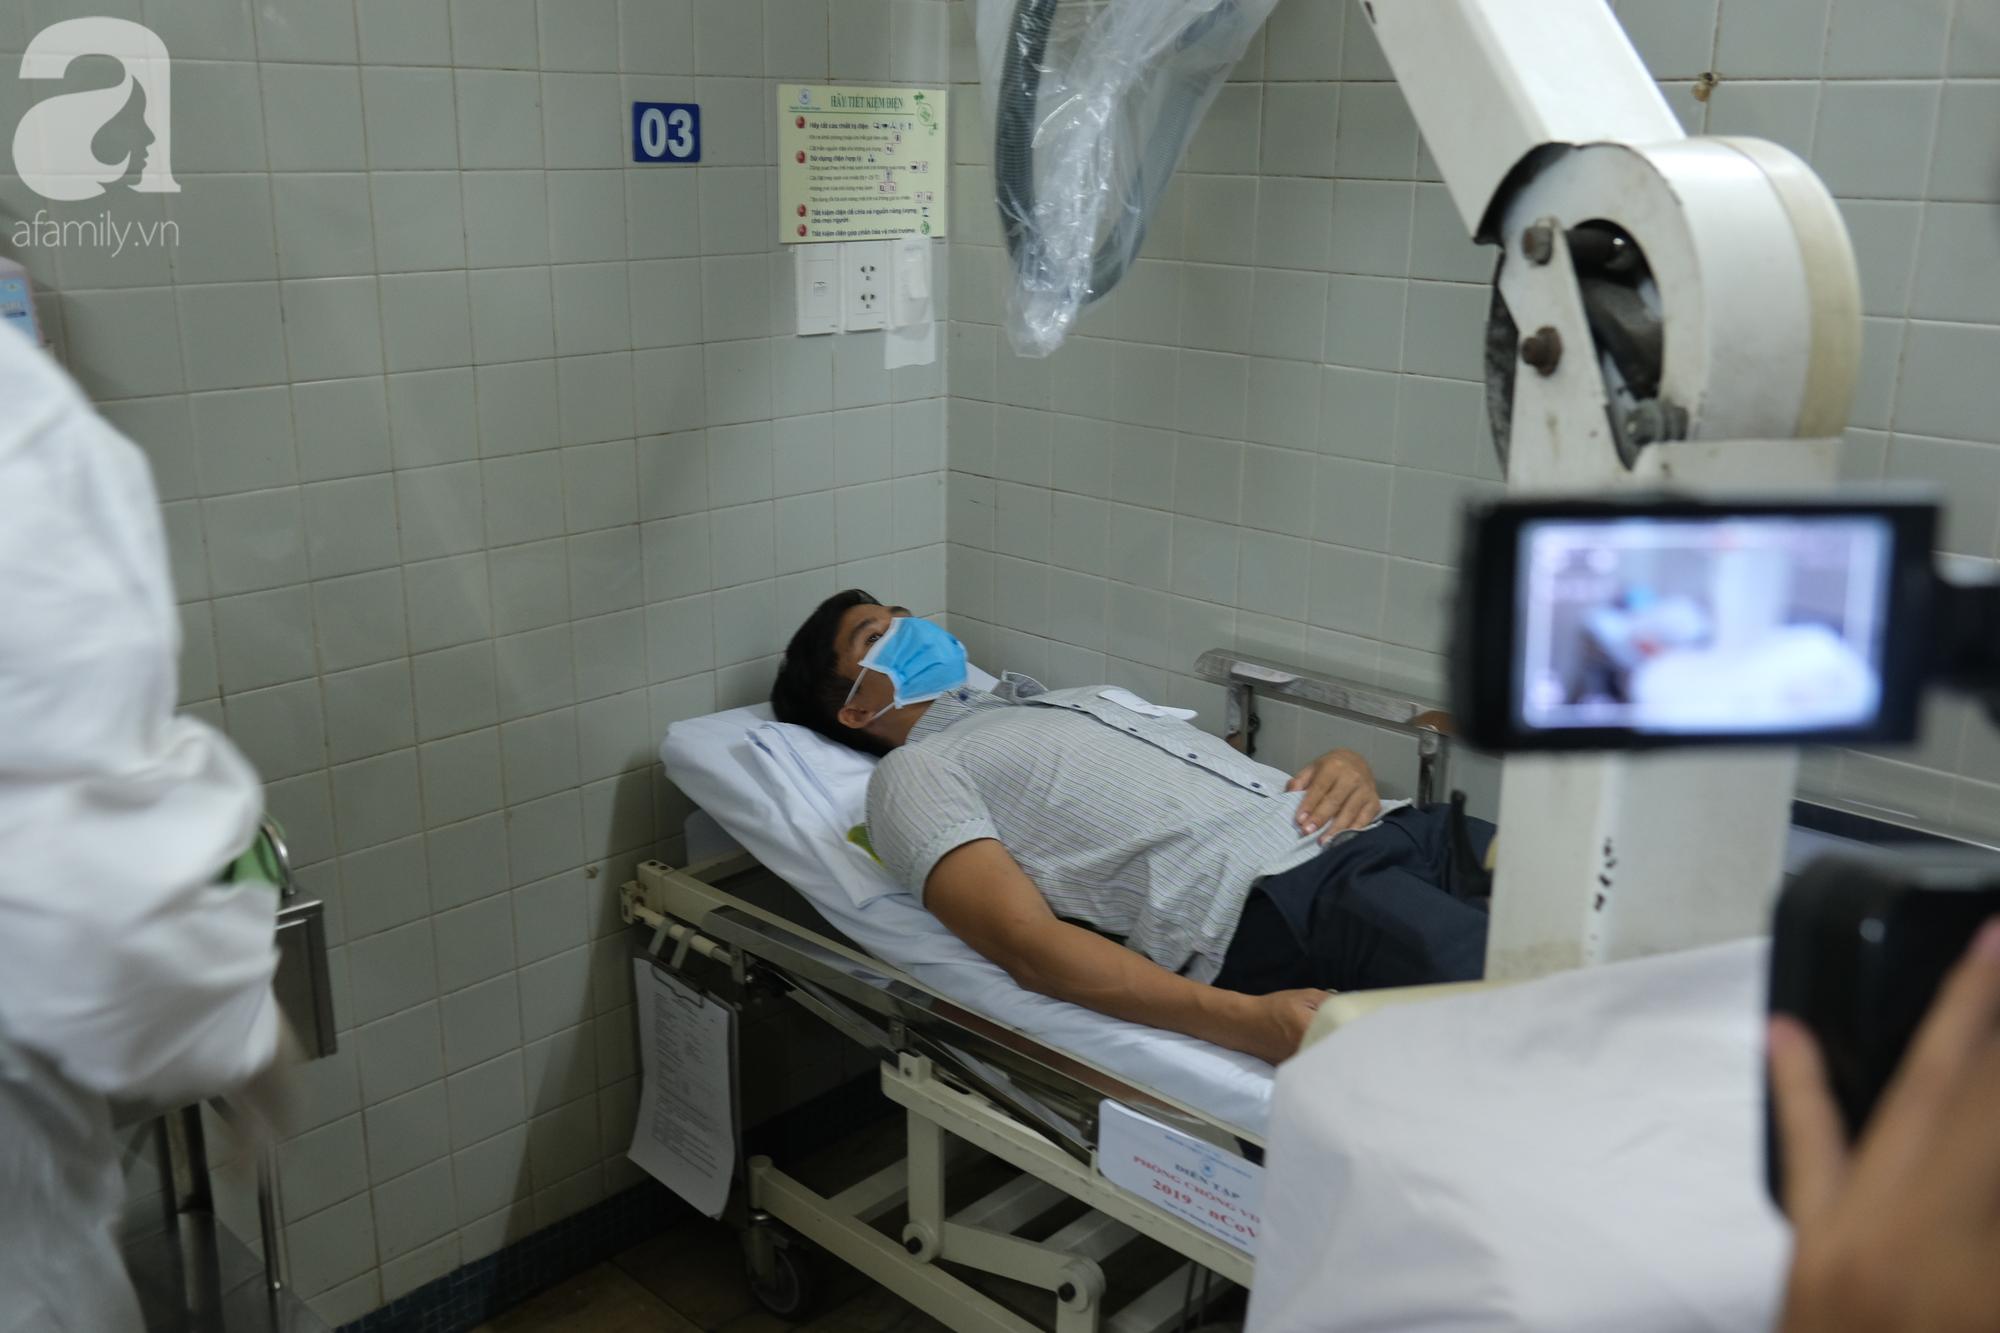 2 hành khách trên du thuyền Westerdam có người nhiễm Covid-19 đáp sân bay Tân Sơn Nhất, TP.HCM tiến hành kiểm dịch trong đêm - Ảnh 4.